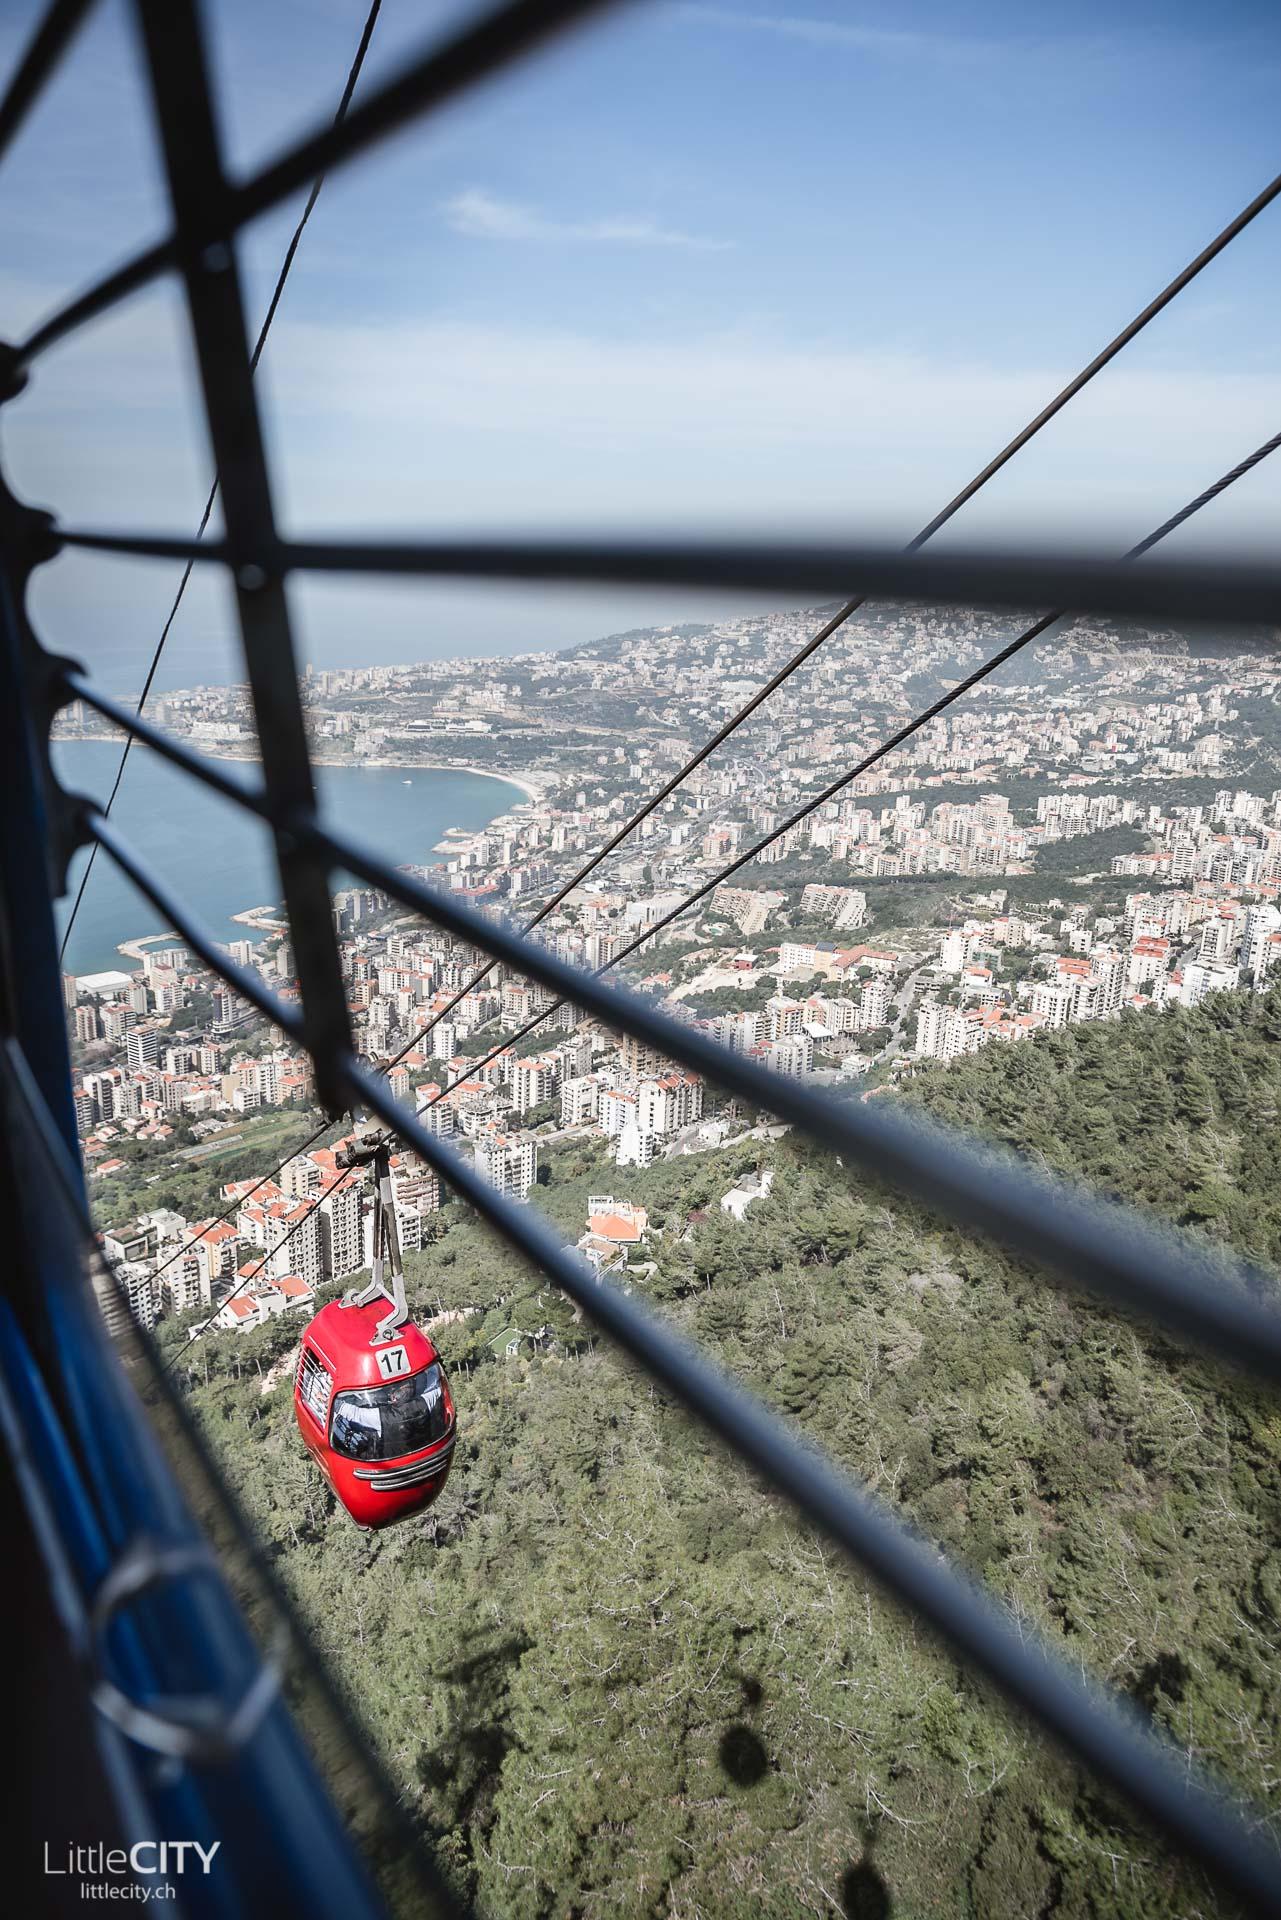 Libanon Reisebericht: Harissa Téléferique